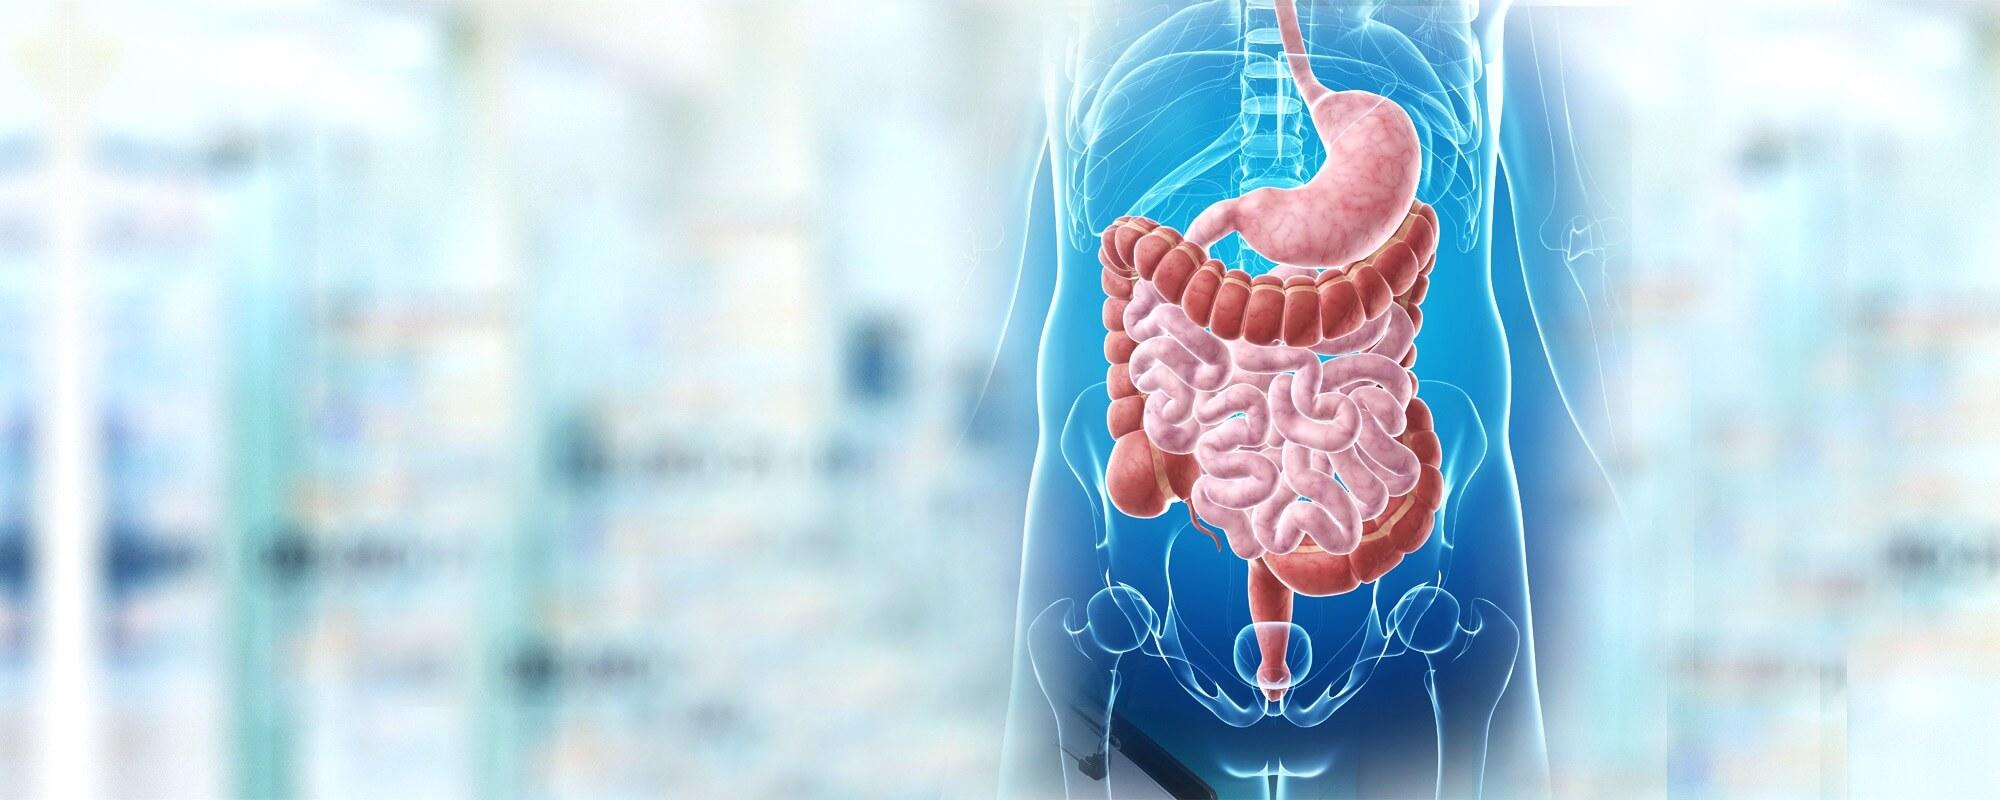 Лечение в Израиле гастроэнтерологических заболеваний